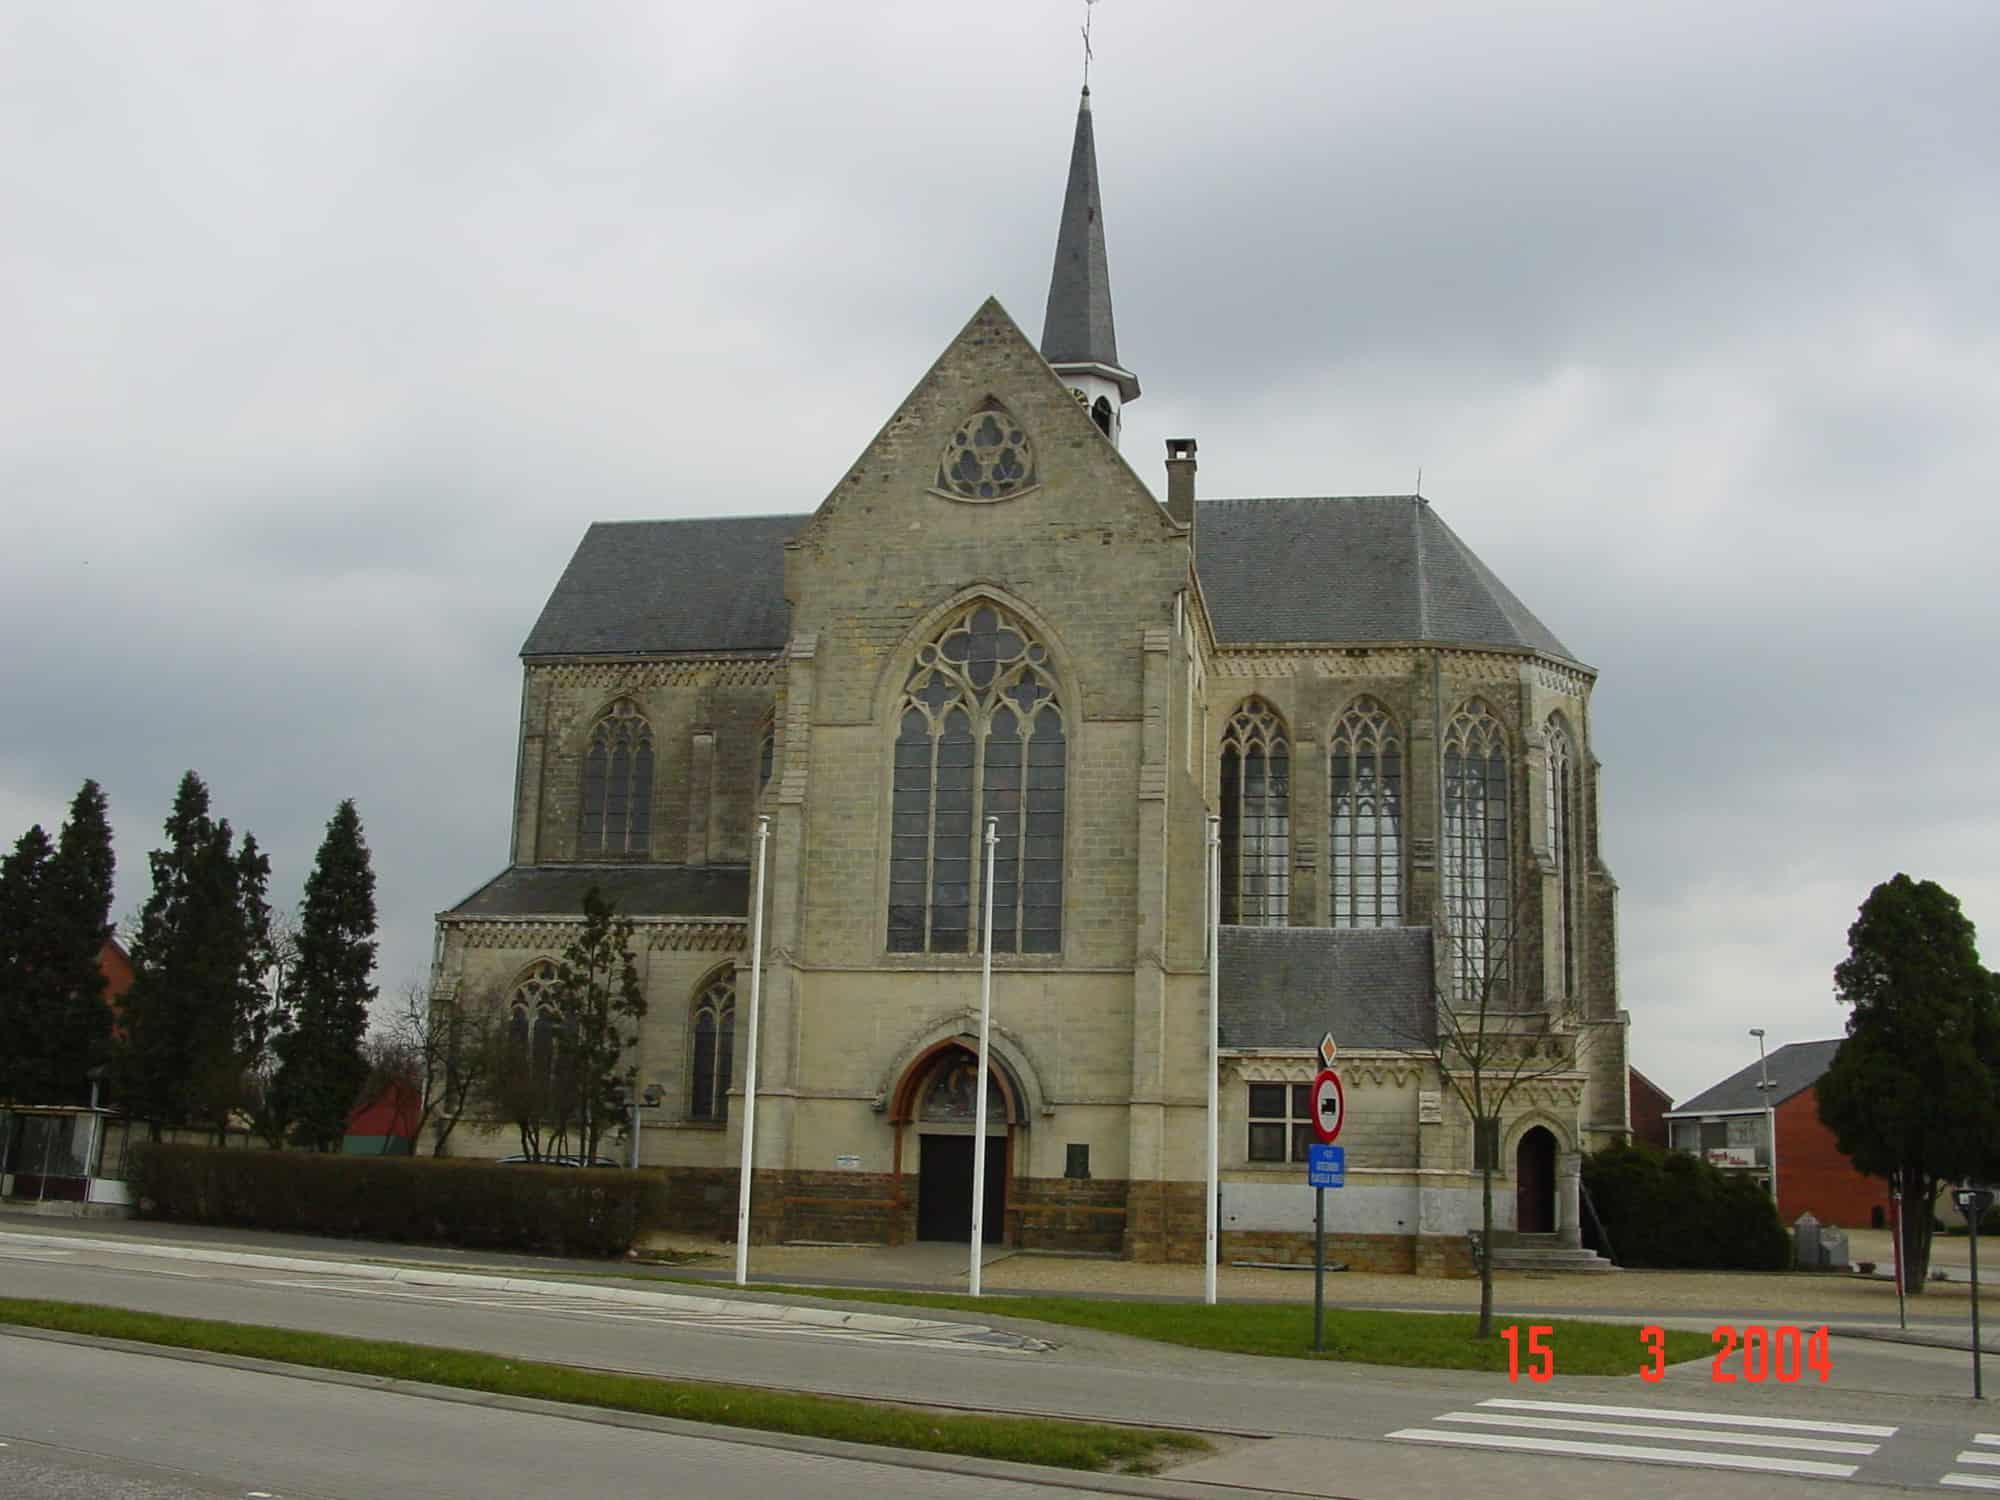 Detail afbeelding 1 van St – Jozefskerk   –   Wiemismeer   –  Zutendaal | Ontwerp door architect Patrick Strackx